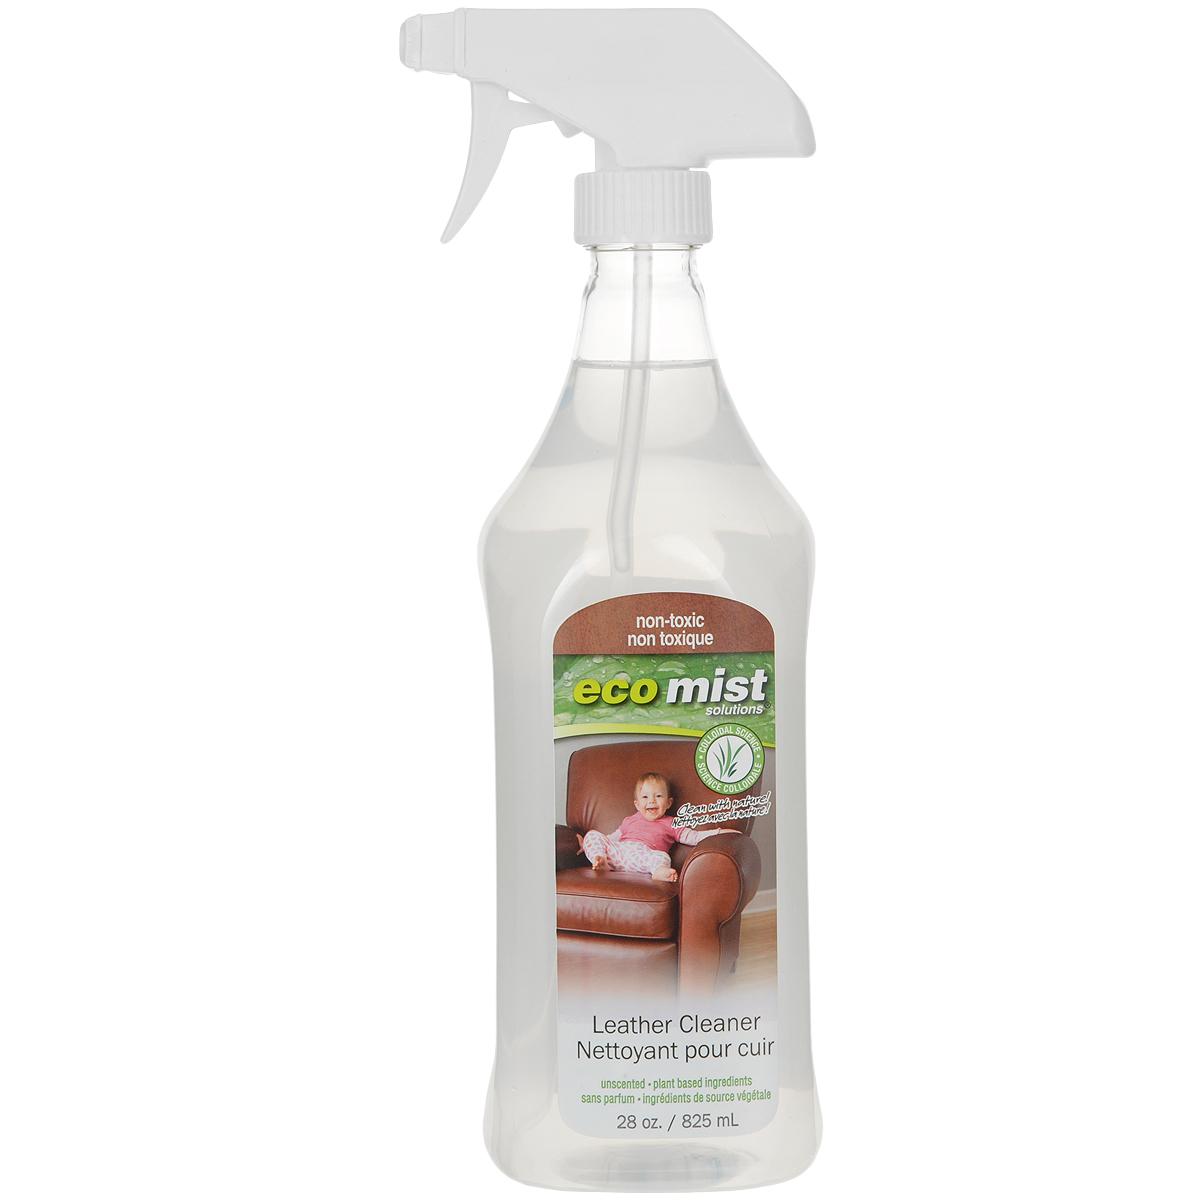 Средство для чистки натуральной кожи Eco Mist, 825 мл790009Известно,что очень сложно почистить профессионально в домашних условиях кожаную цветную мебель, т.к химические компоненты могут негативно сказаться на цвете, а также требуется дополнительное средство для пропитки. Инновационная формула средства Eco Mist на водной основе эффективно очищает, защищает от повторного загрязнения. Мебель приобретает первоначальный ухоженный и чистый вид.Состав: дехлорированная вода, экстракт зерновых, древесный сок, экстракт кукурузы, экстракт картофеля.